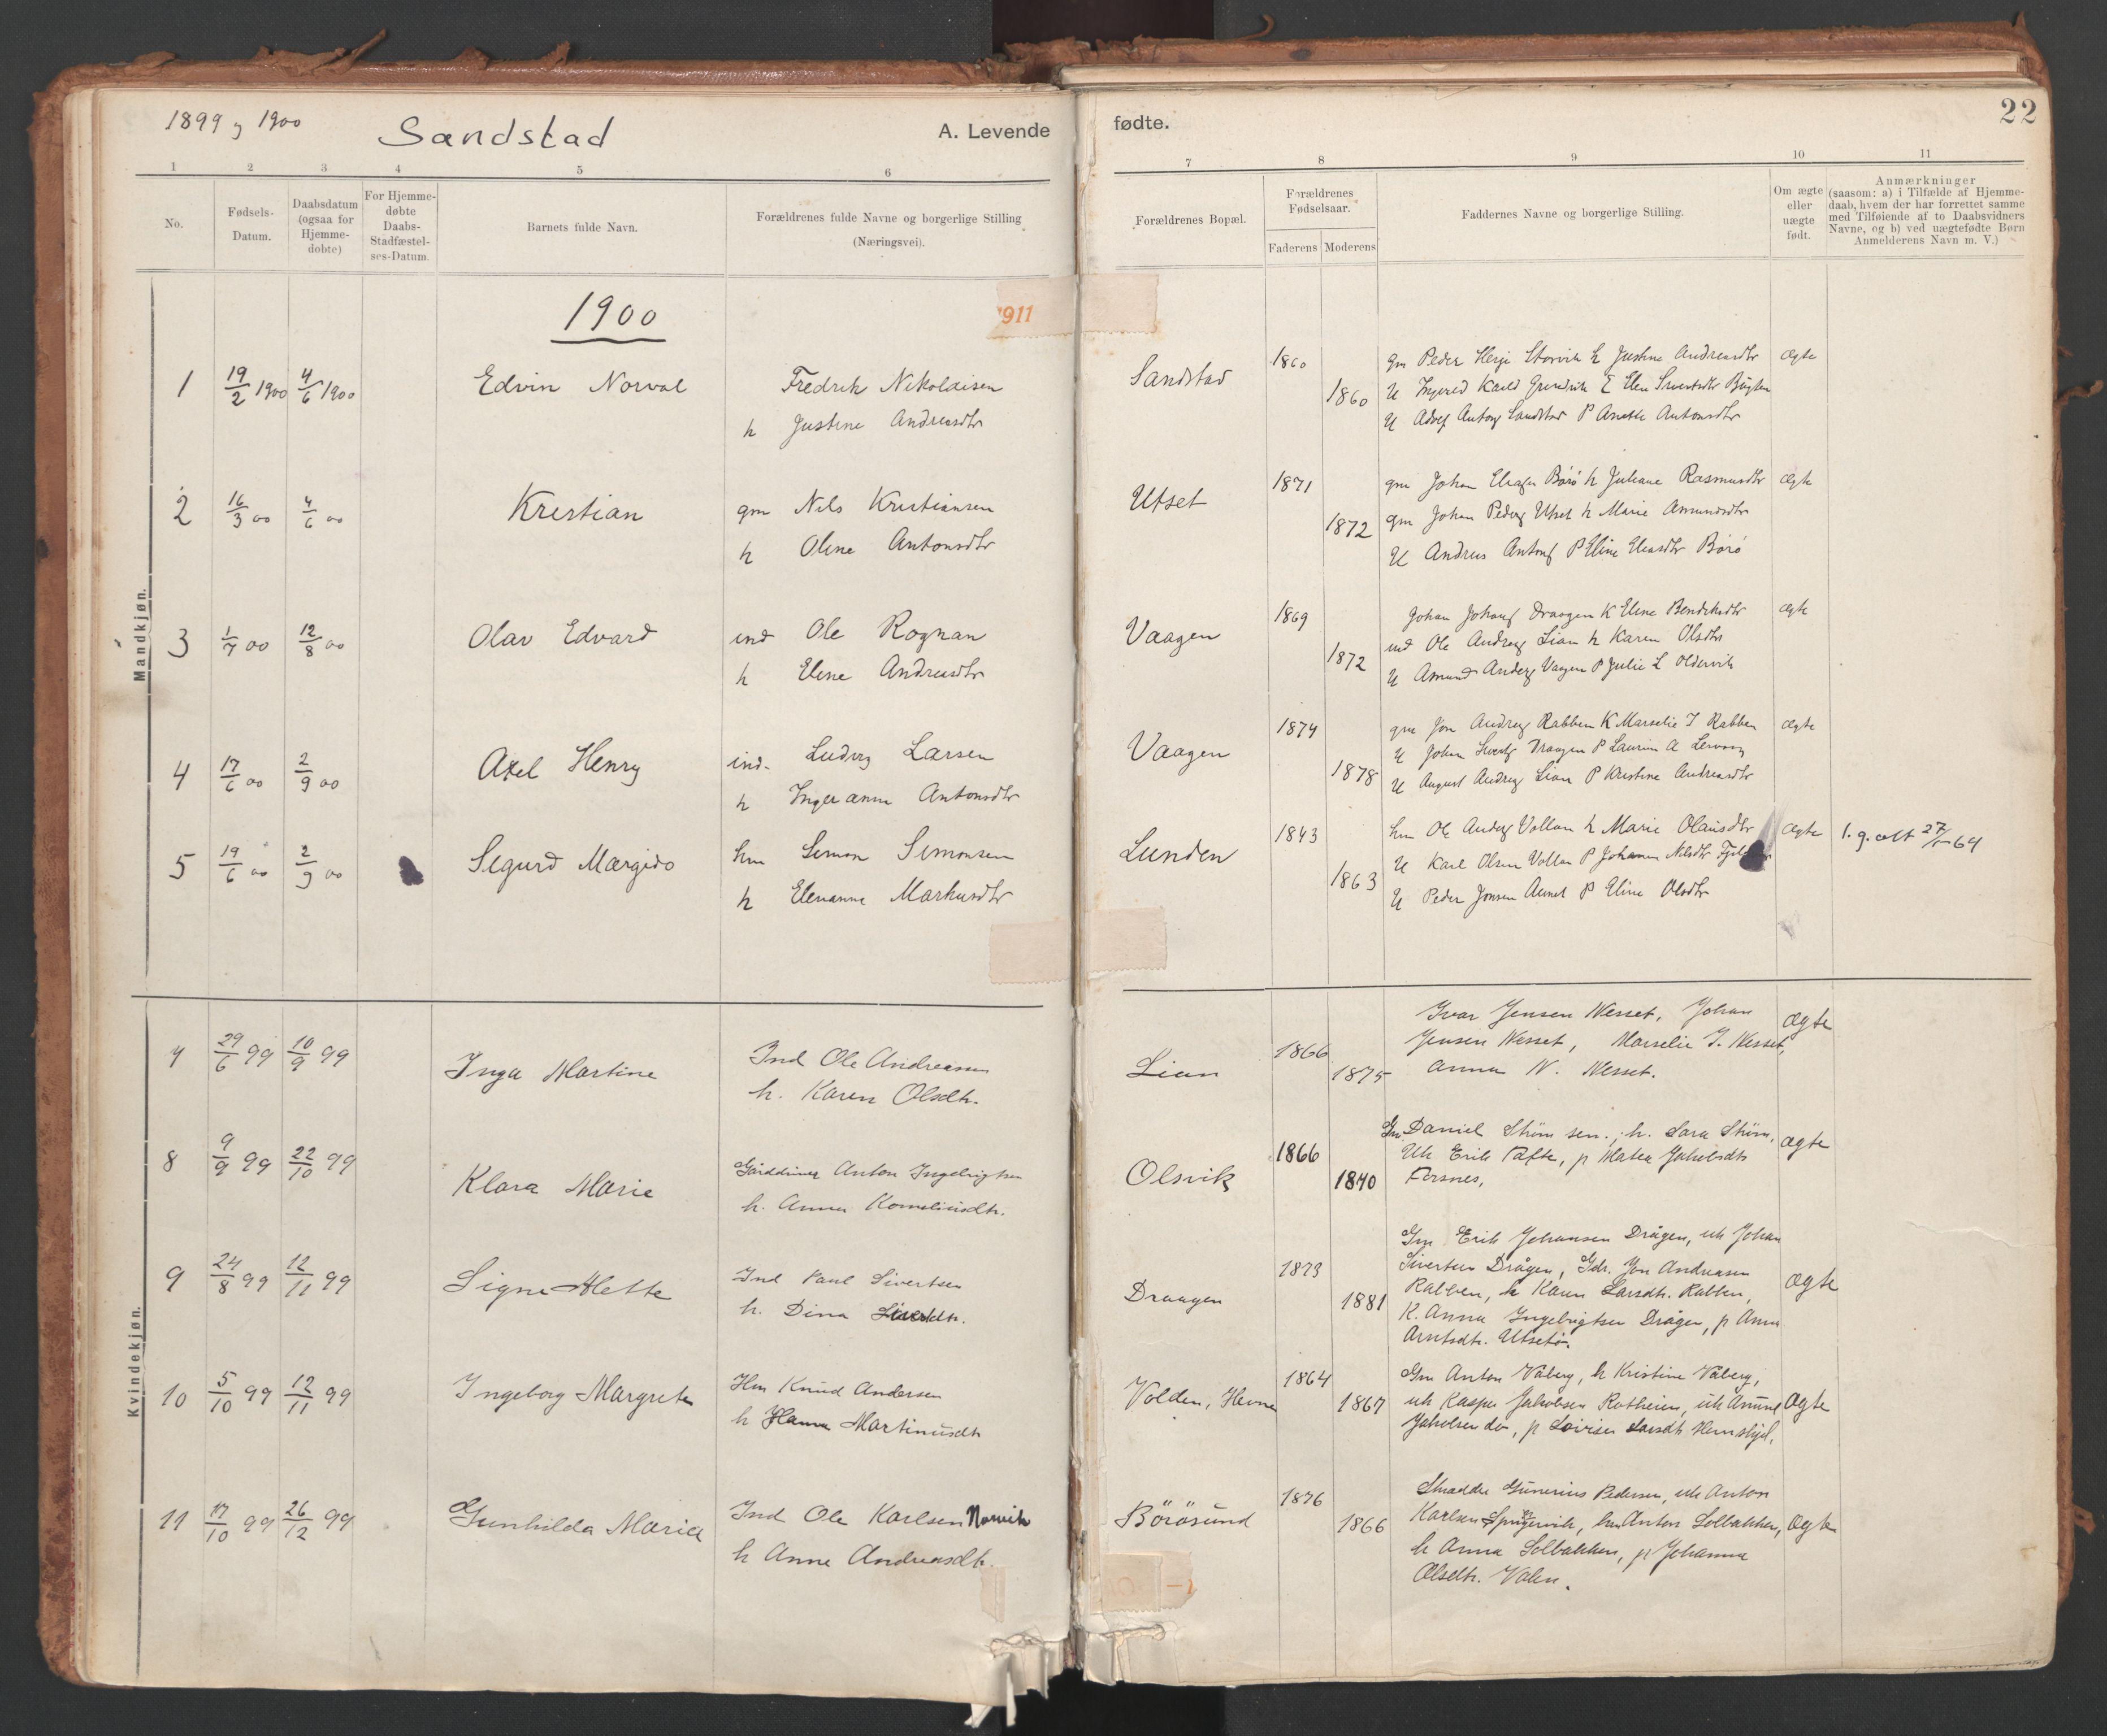 SAT, Ministerialprotokoller, klokkerbøker og fødselsregistre - Sør-Trøndelag, 639/L0572: Ministerialbok nr. 639A01, 1890-1920, s. 22